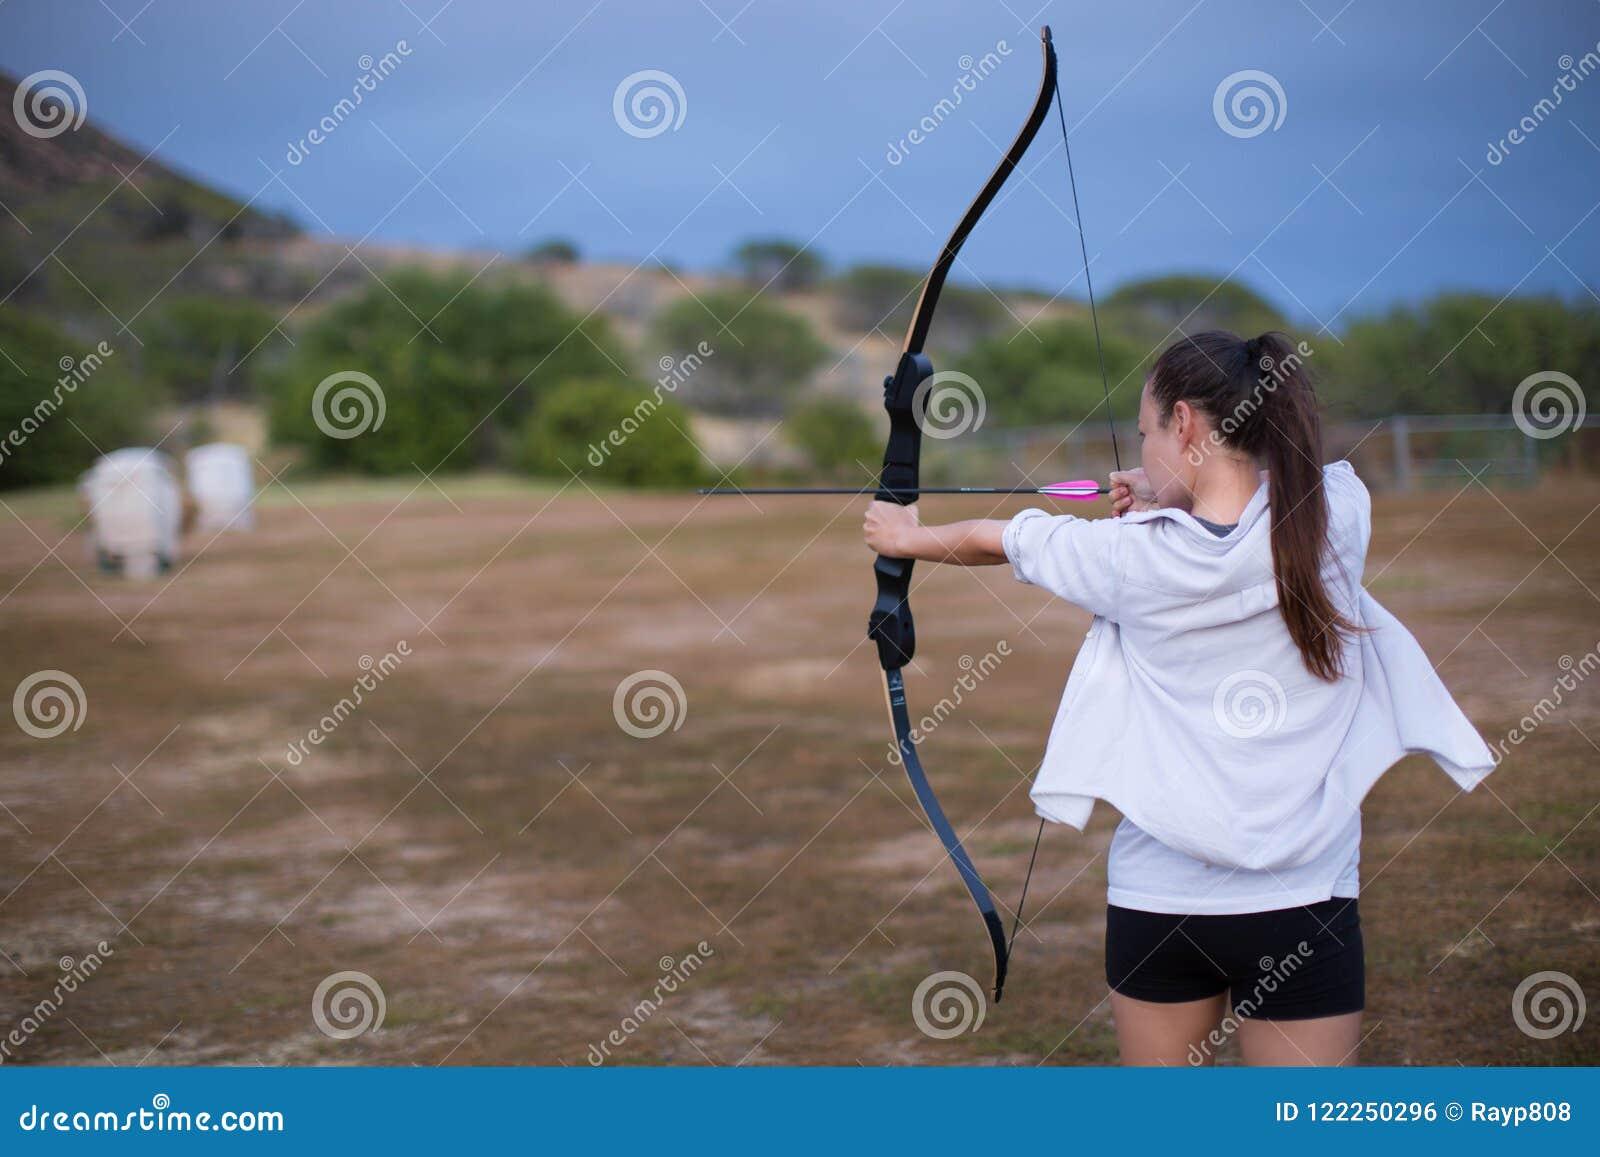 Menina atlética e atlética que aponta uma curva e uma seta em uma escala do tiro ao arco